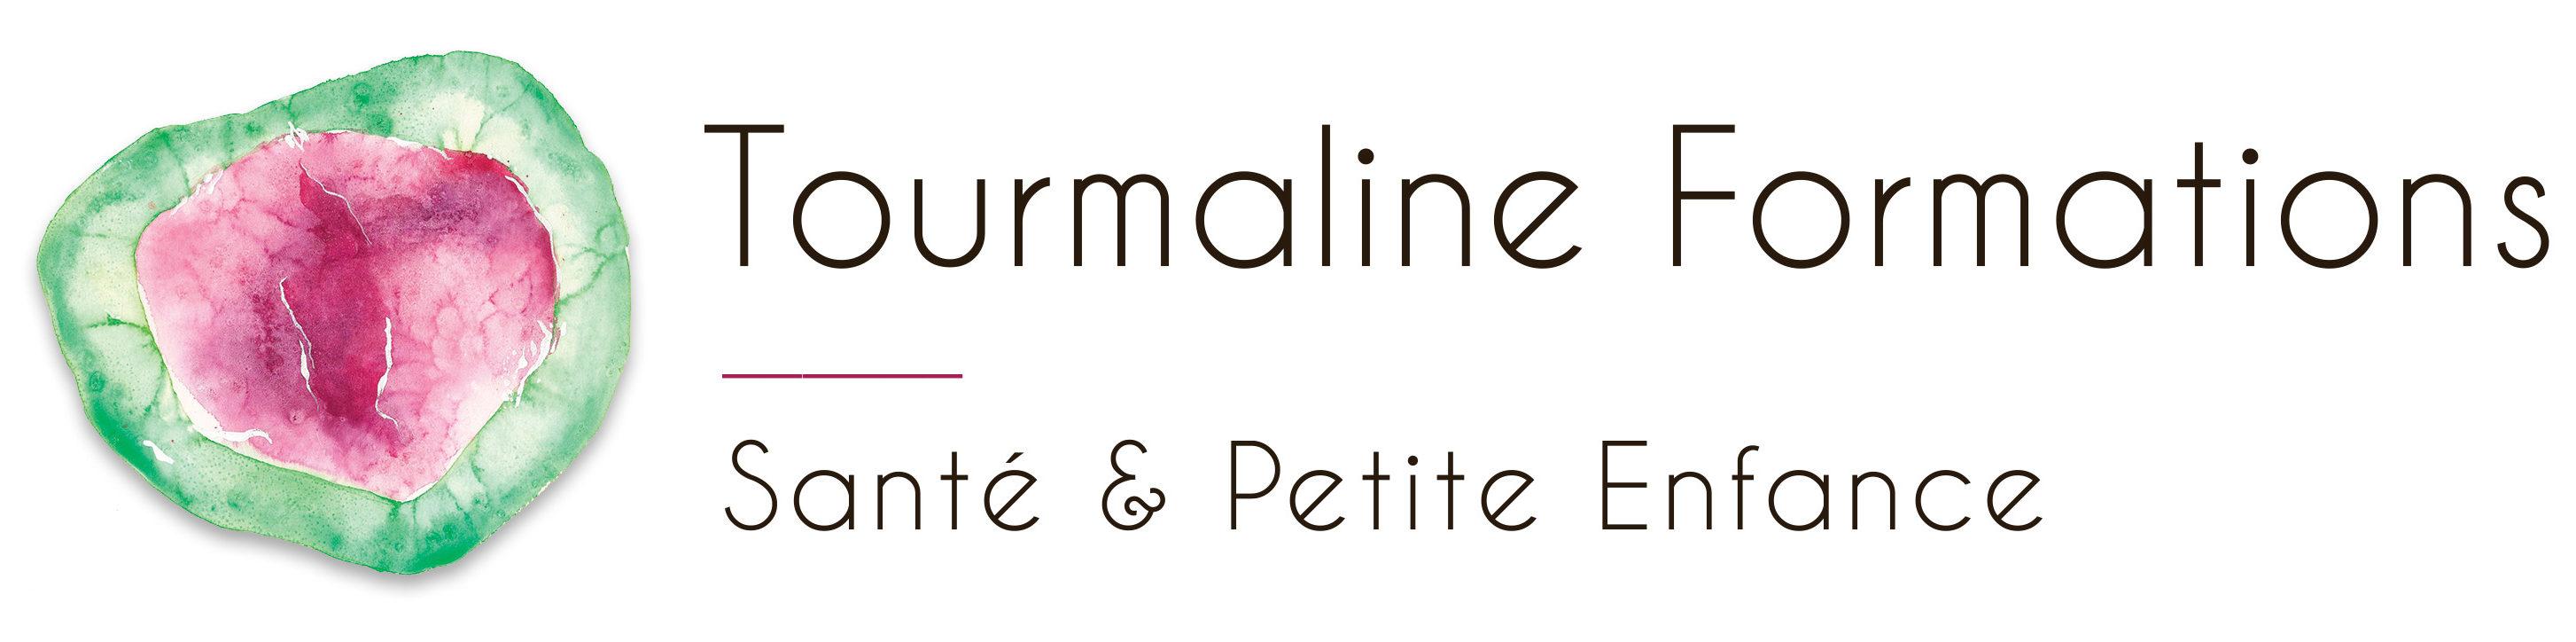 Tourmaline Formations – Santé & Petite Enfance